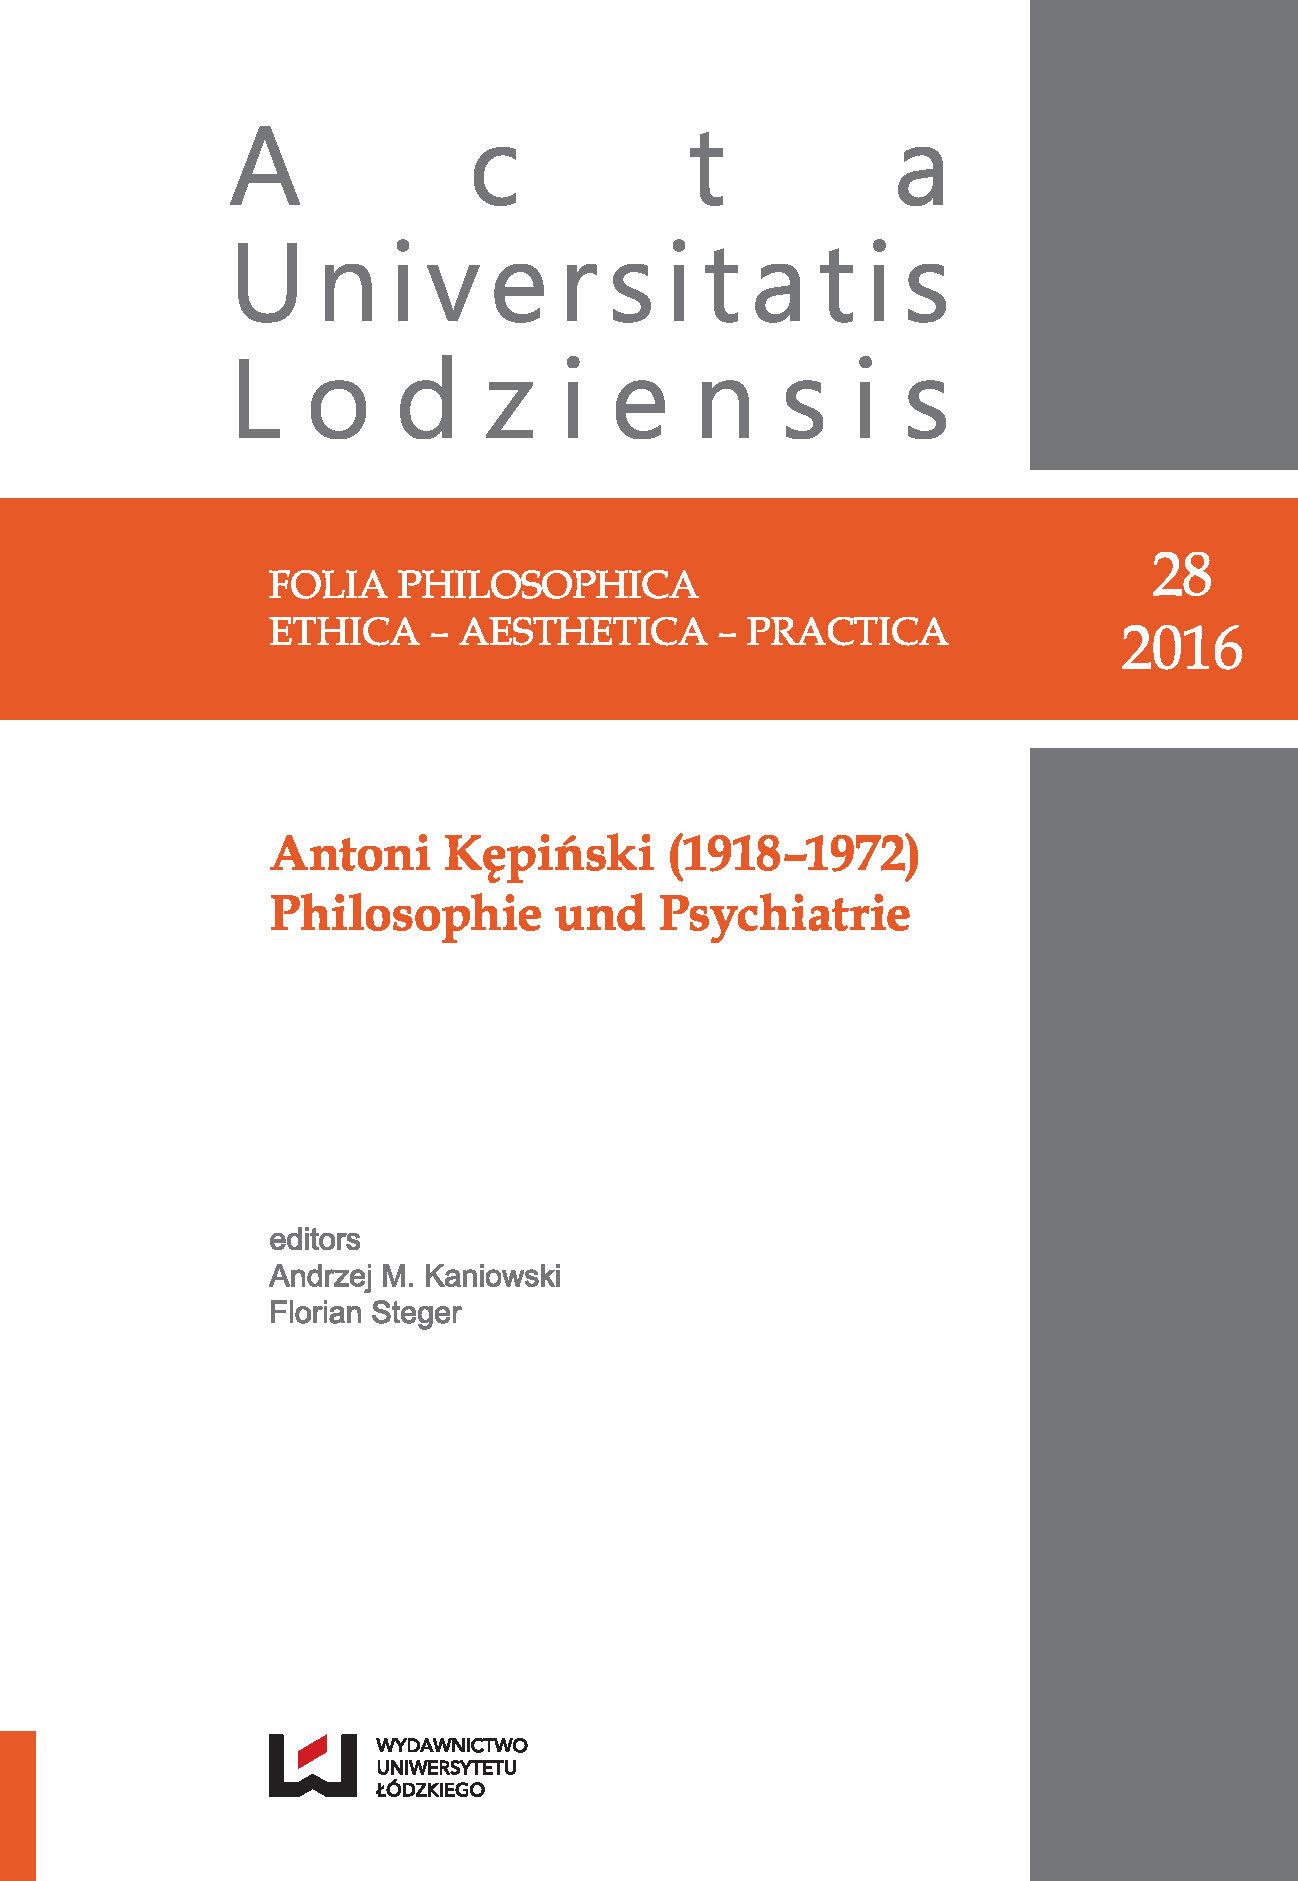 Wyświetl Nr 28 (2016): Antoni Kępiński (1918-1972). Philosophie und Psychiatrie